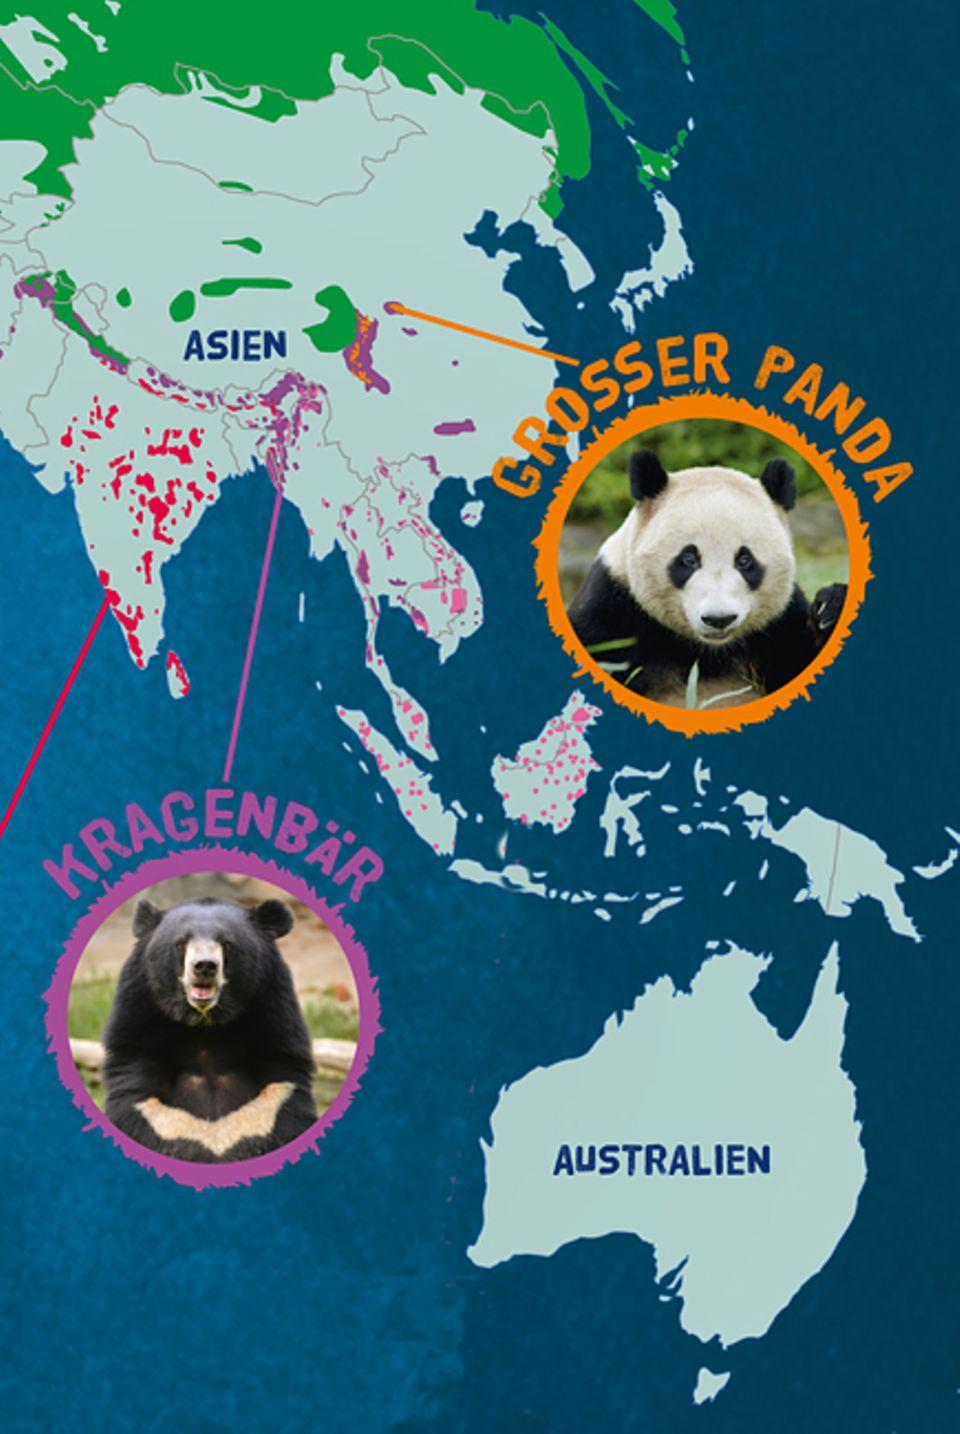 Tierlexikon: Der Kragenbär lebt hauptsächlich in Süd- und Ostasien